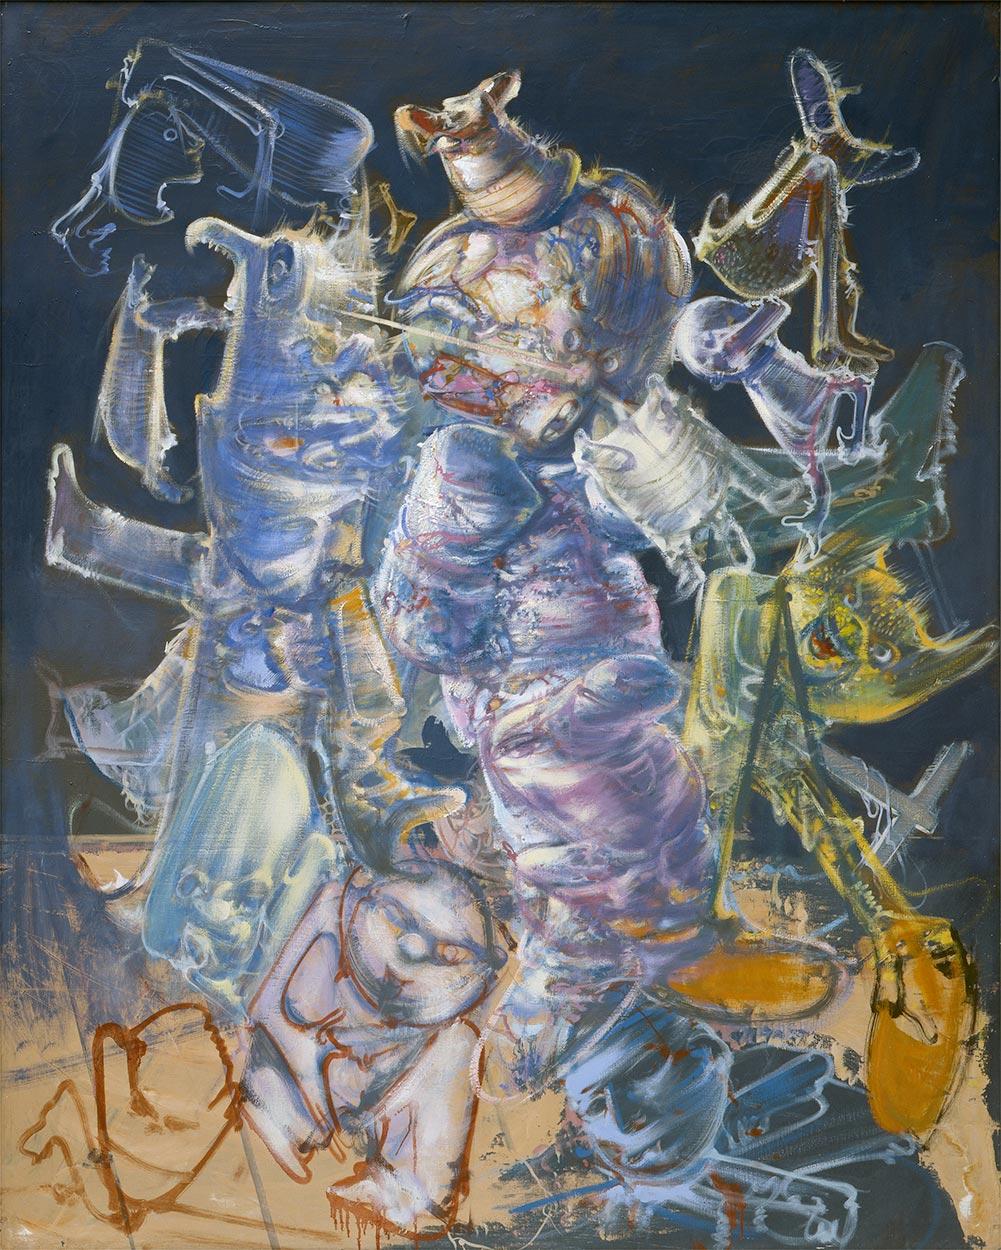 Dado: Presumed self-portrait of Hieronymus Bosch, 1974-2002